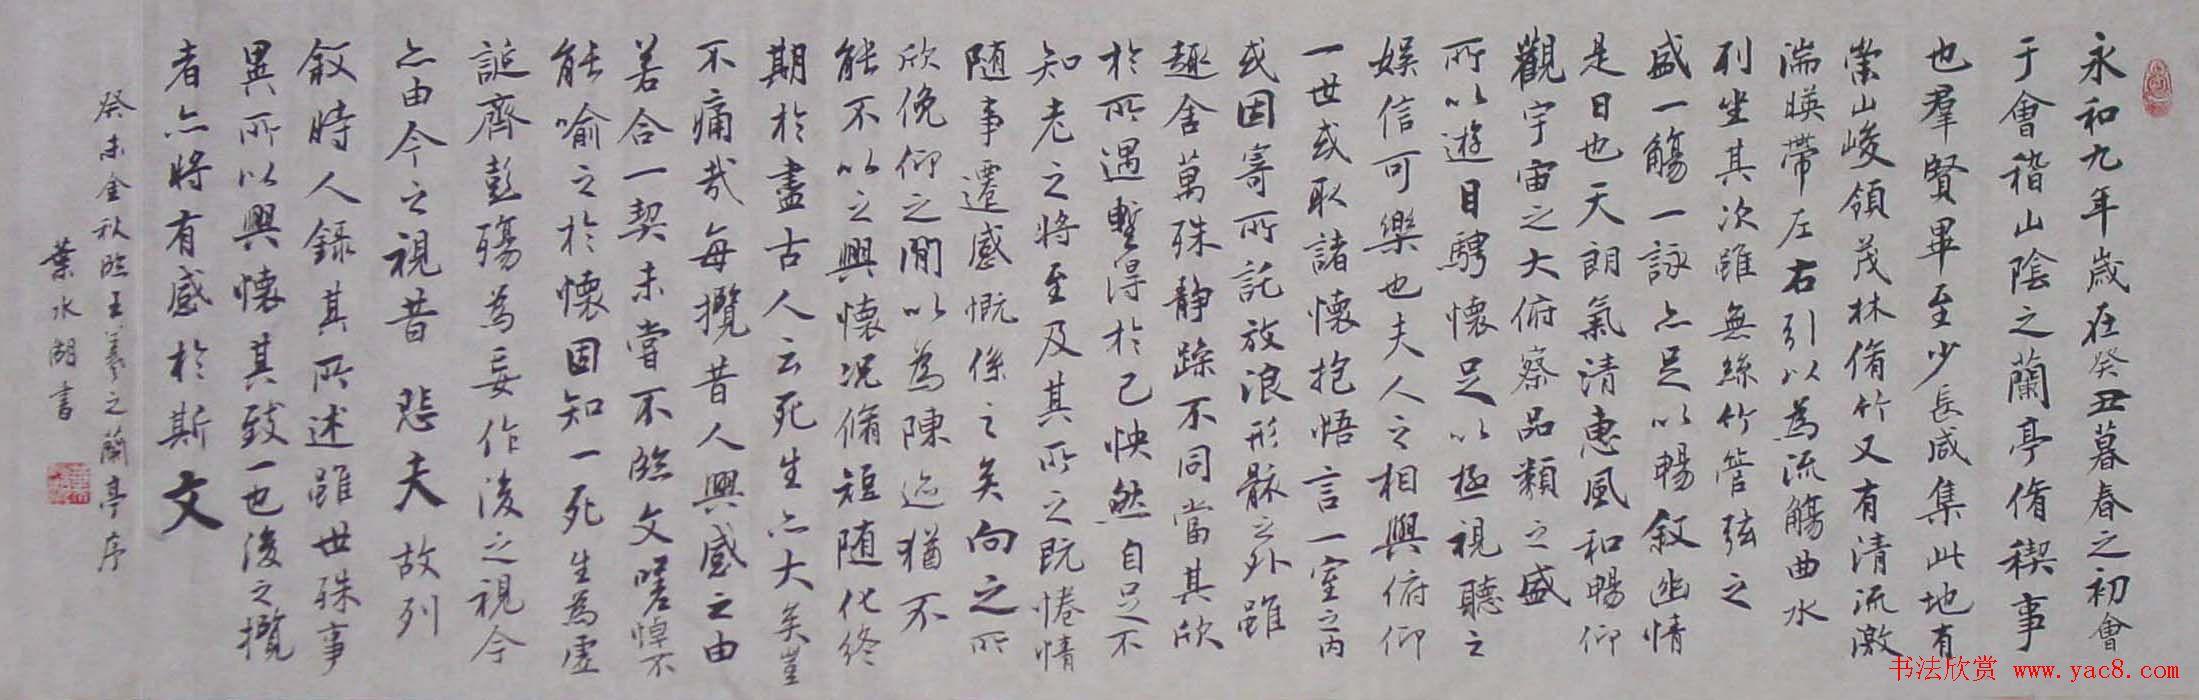 叶水湖行书作品《王羲之兰亭序》两幅